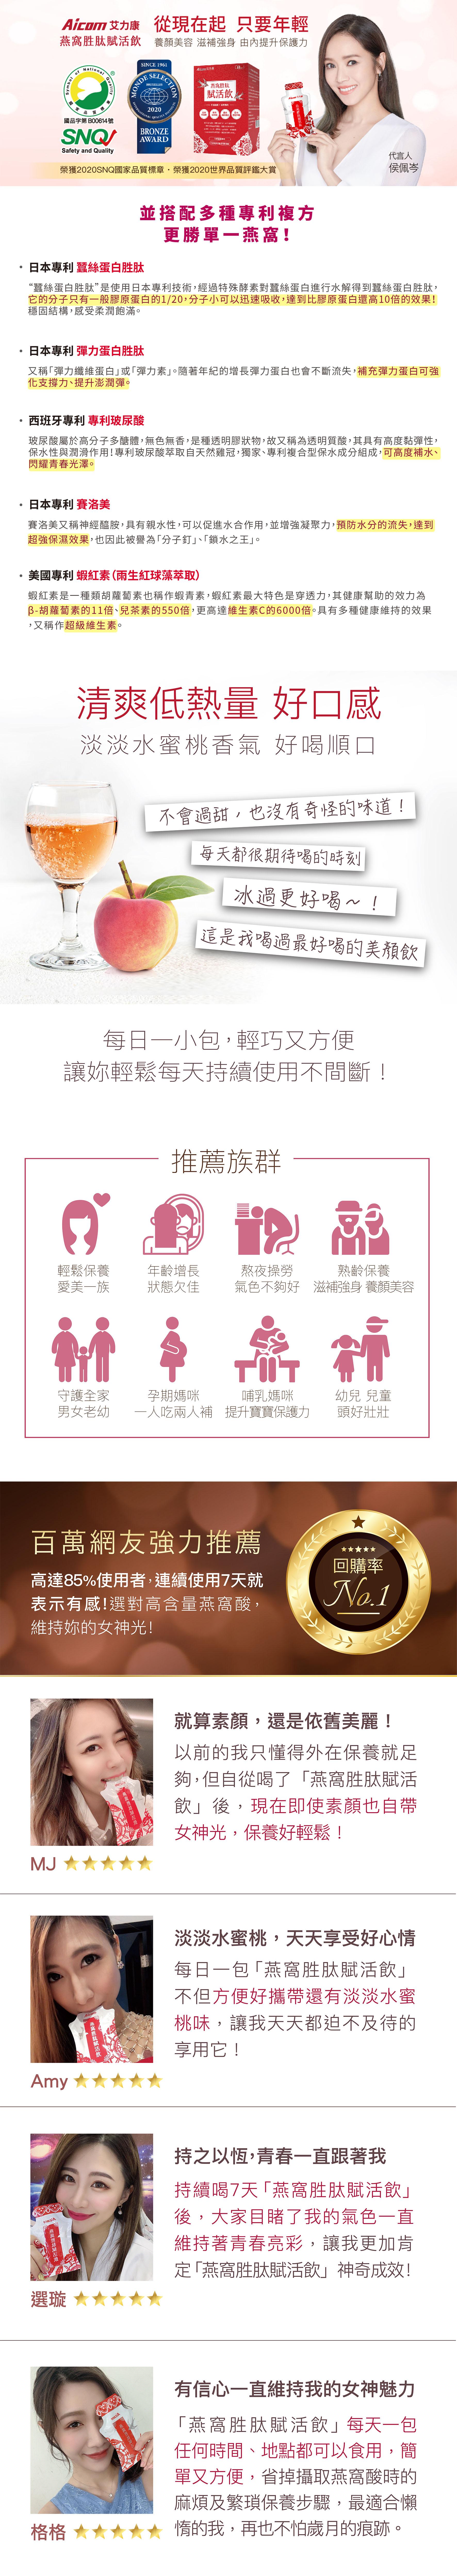 燕窩胜肽賦活飲 禮盒限定版_長圖2